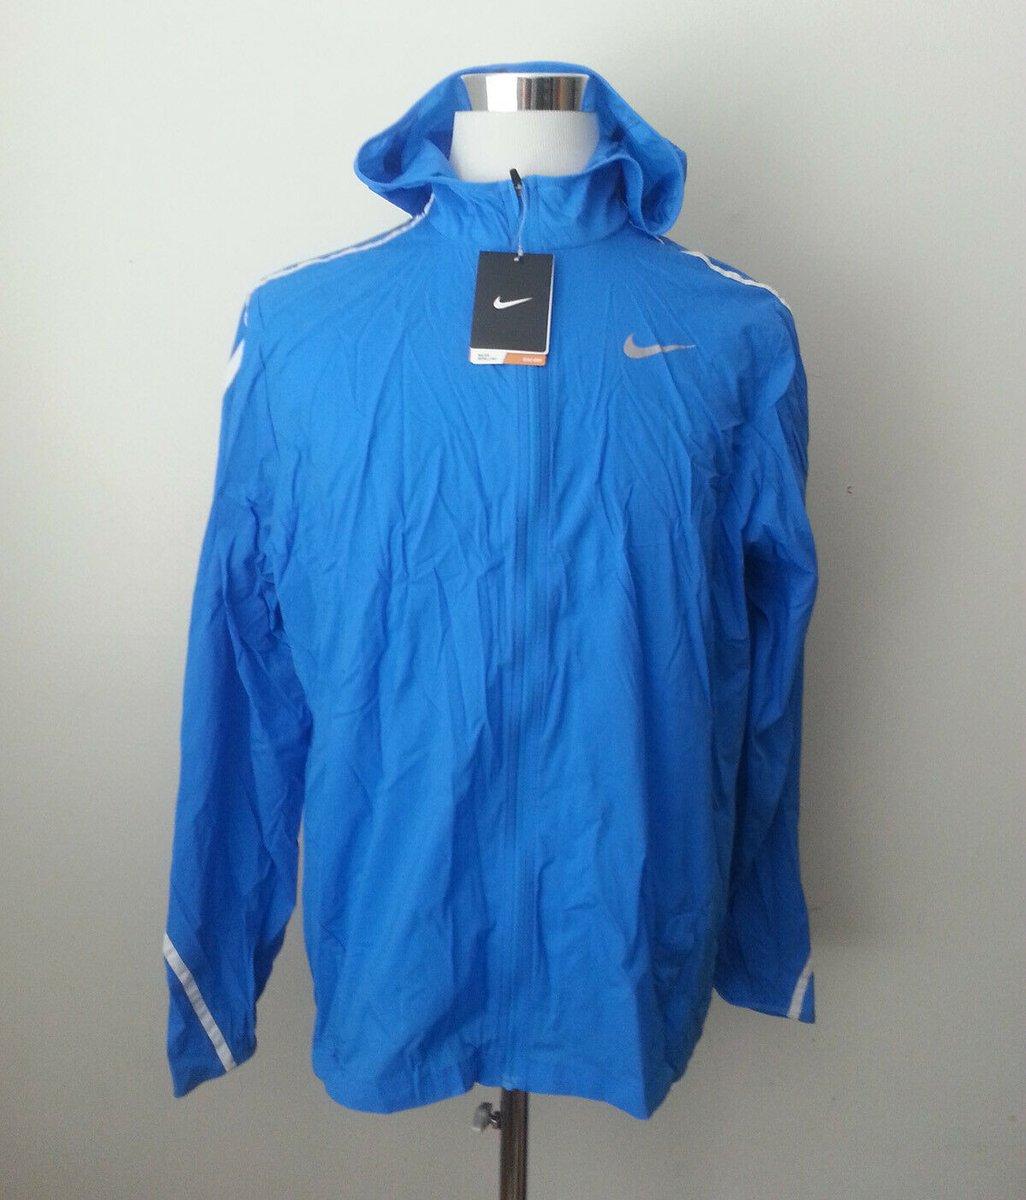 Sale $71.95 https://t.co/FeF33KYVtE #NIKE Windbreaker Men Size L Blue NWT Fully Zipped https://t.co/qnG16EinWq